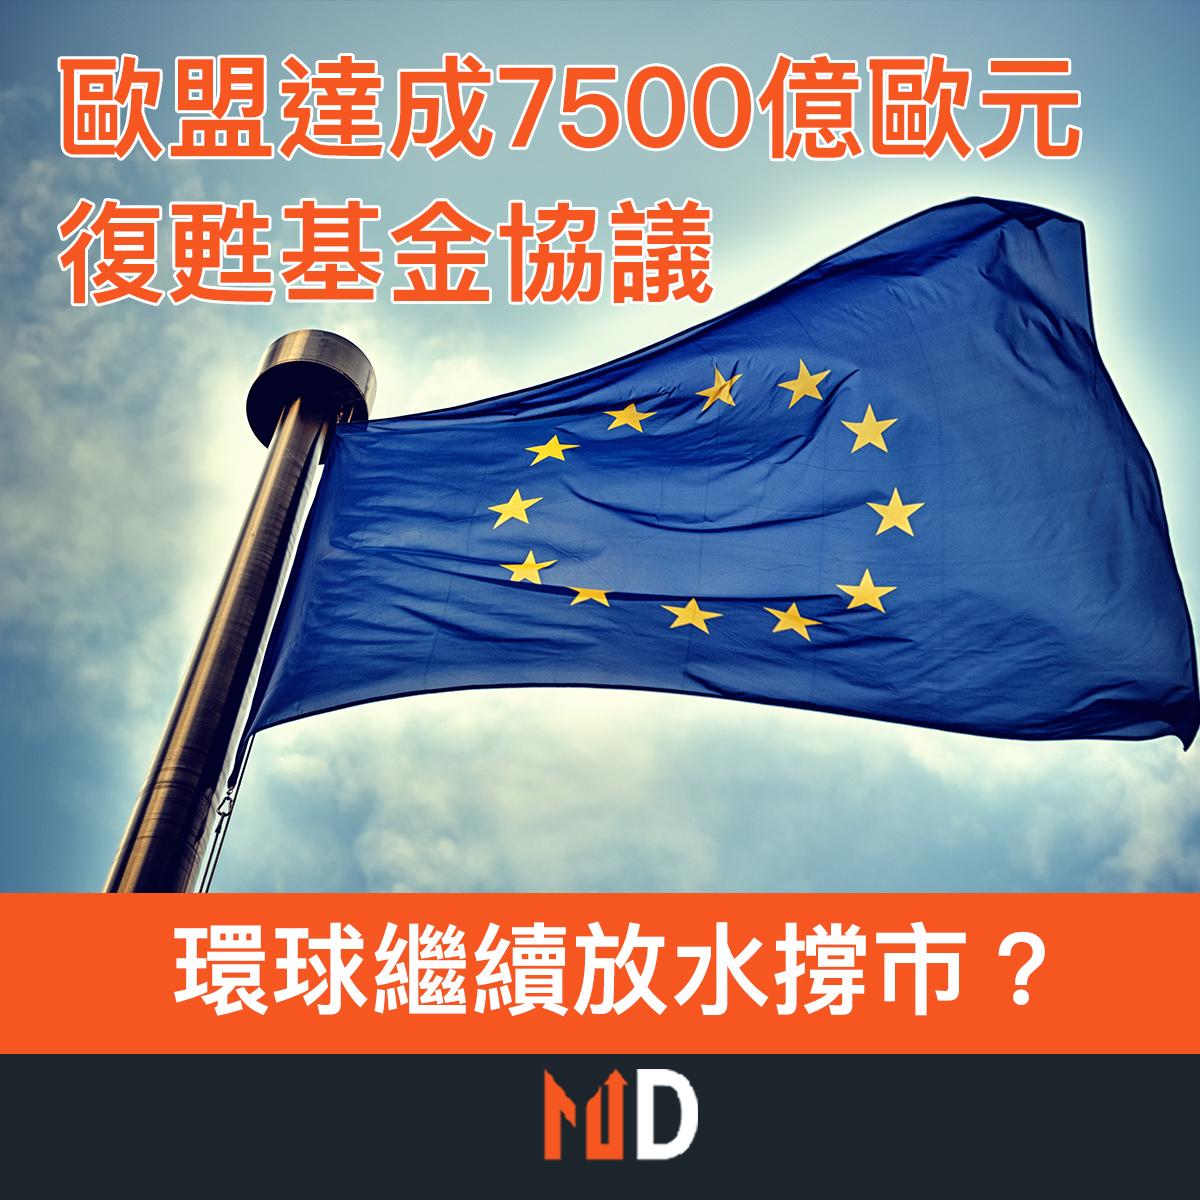 【市場熱話】歐盟達成7500億歐元復甦基金協議